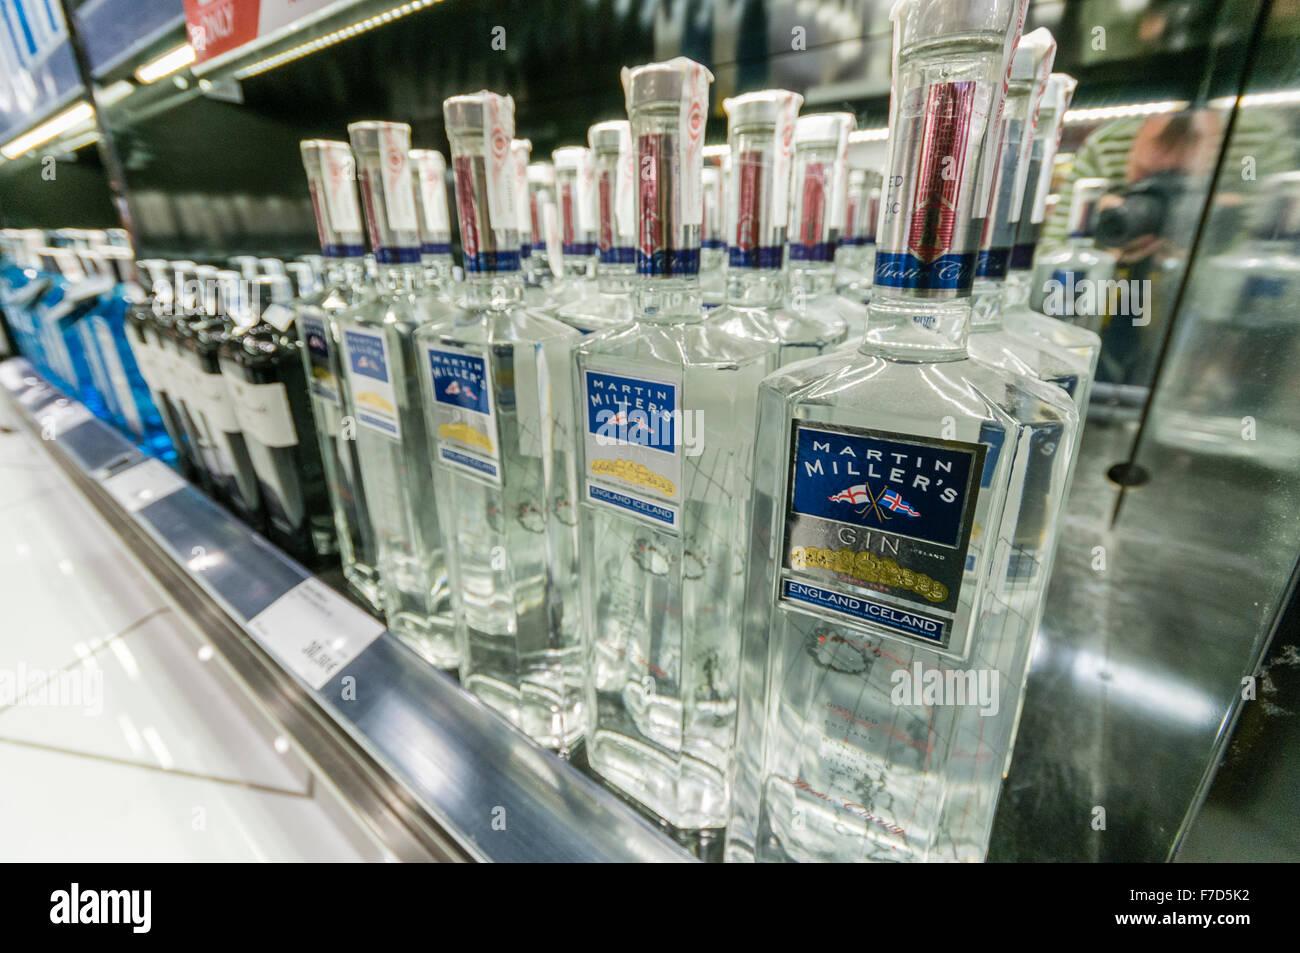 Martin Miller englische isländischen gin zum Verkauf ein Flughafen duty free Shop. Stockbild